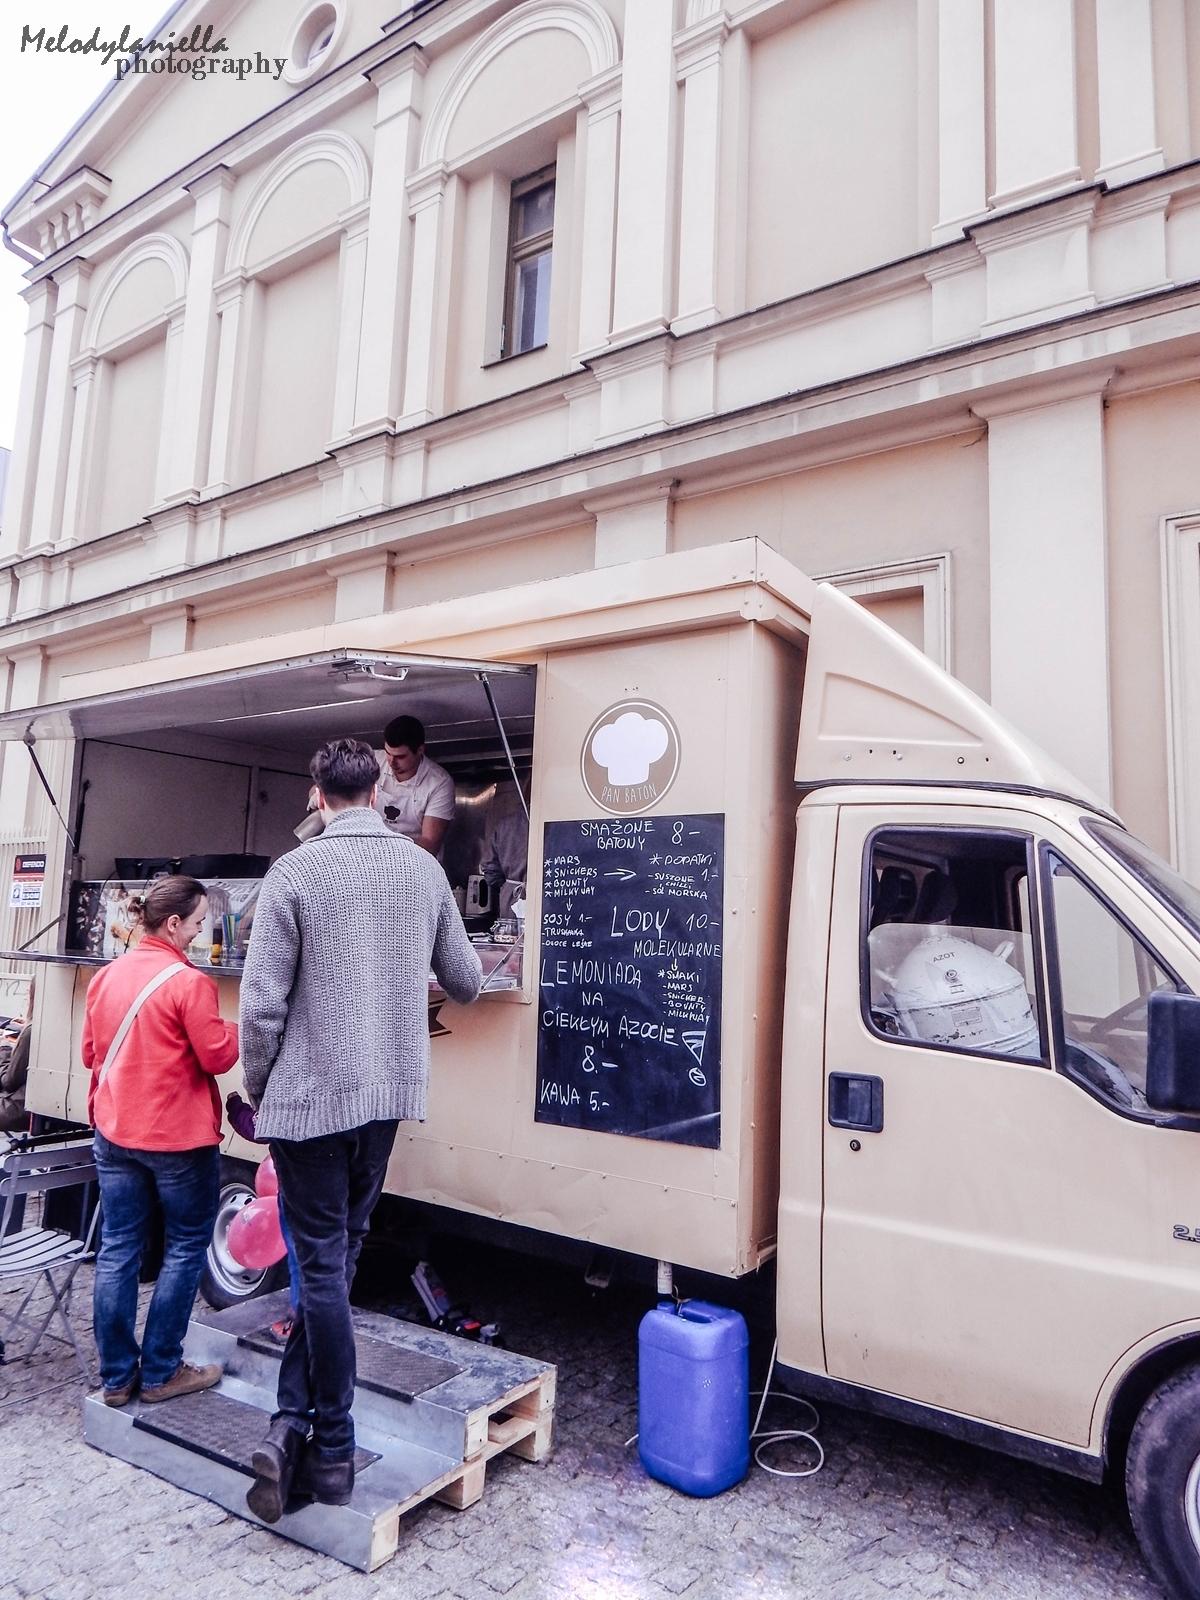 4 street food festival łódź piotrkowska 217 foodtruck jedzenie piwo wino burgery frytki cydr